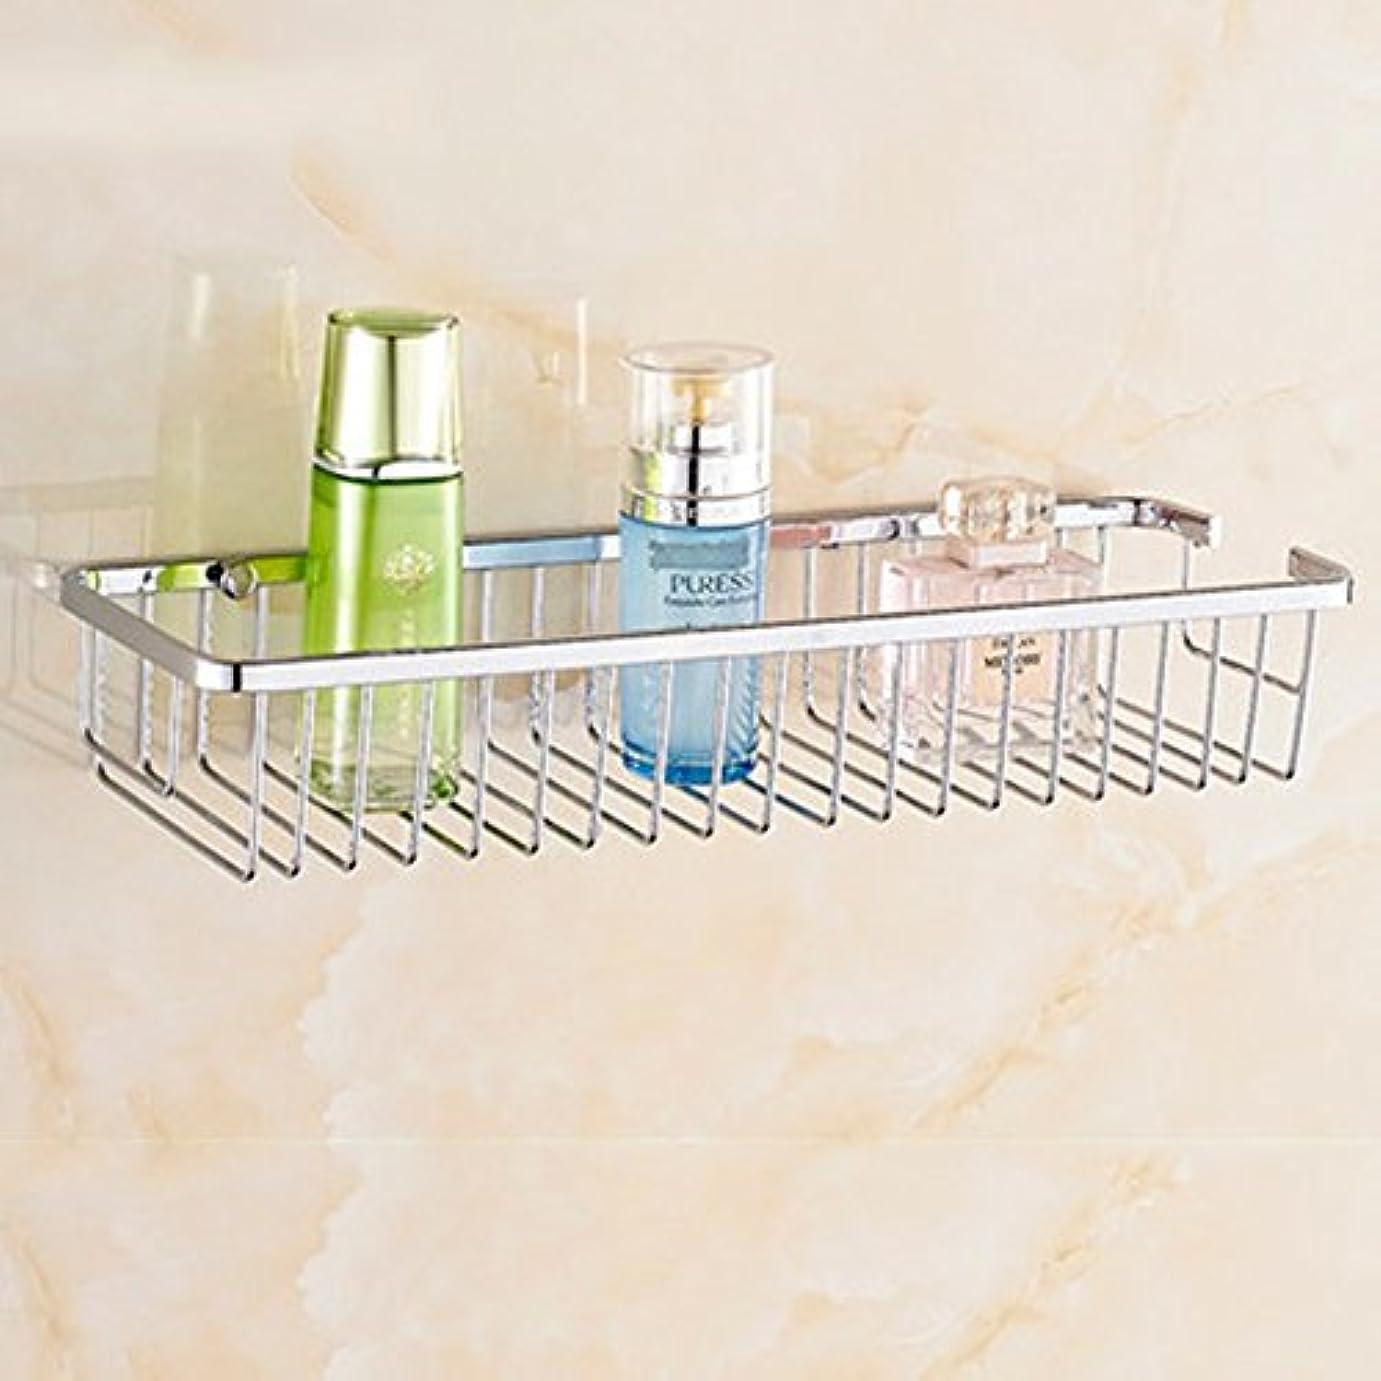 蚊破滅的なルアーZZLX 304ステンレススチールバスルームラックバスルーム棚シングルレイヤーダブルレイヤー四角形バスケット(オプションのサイズ)(オプションのレイヤー) ロングハンドル風呂ブラシ (色 : A, サイズ さいず : 30cm)